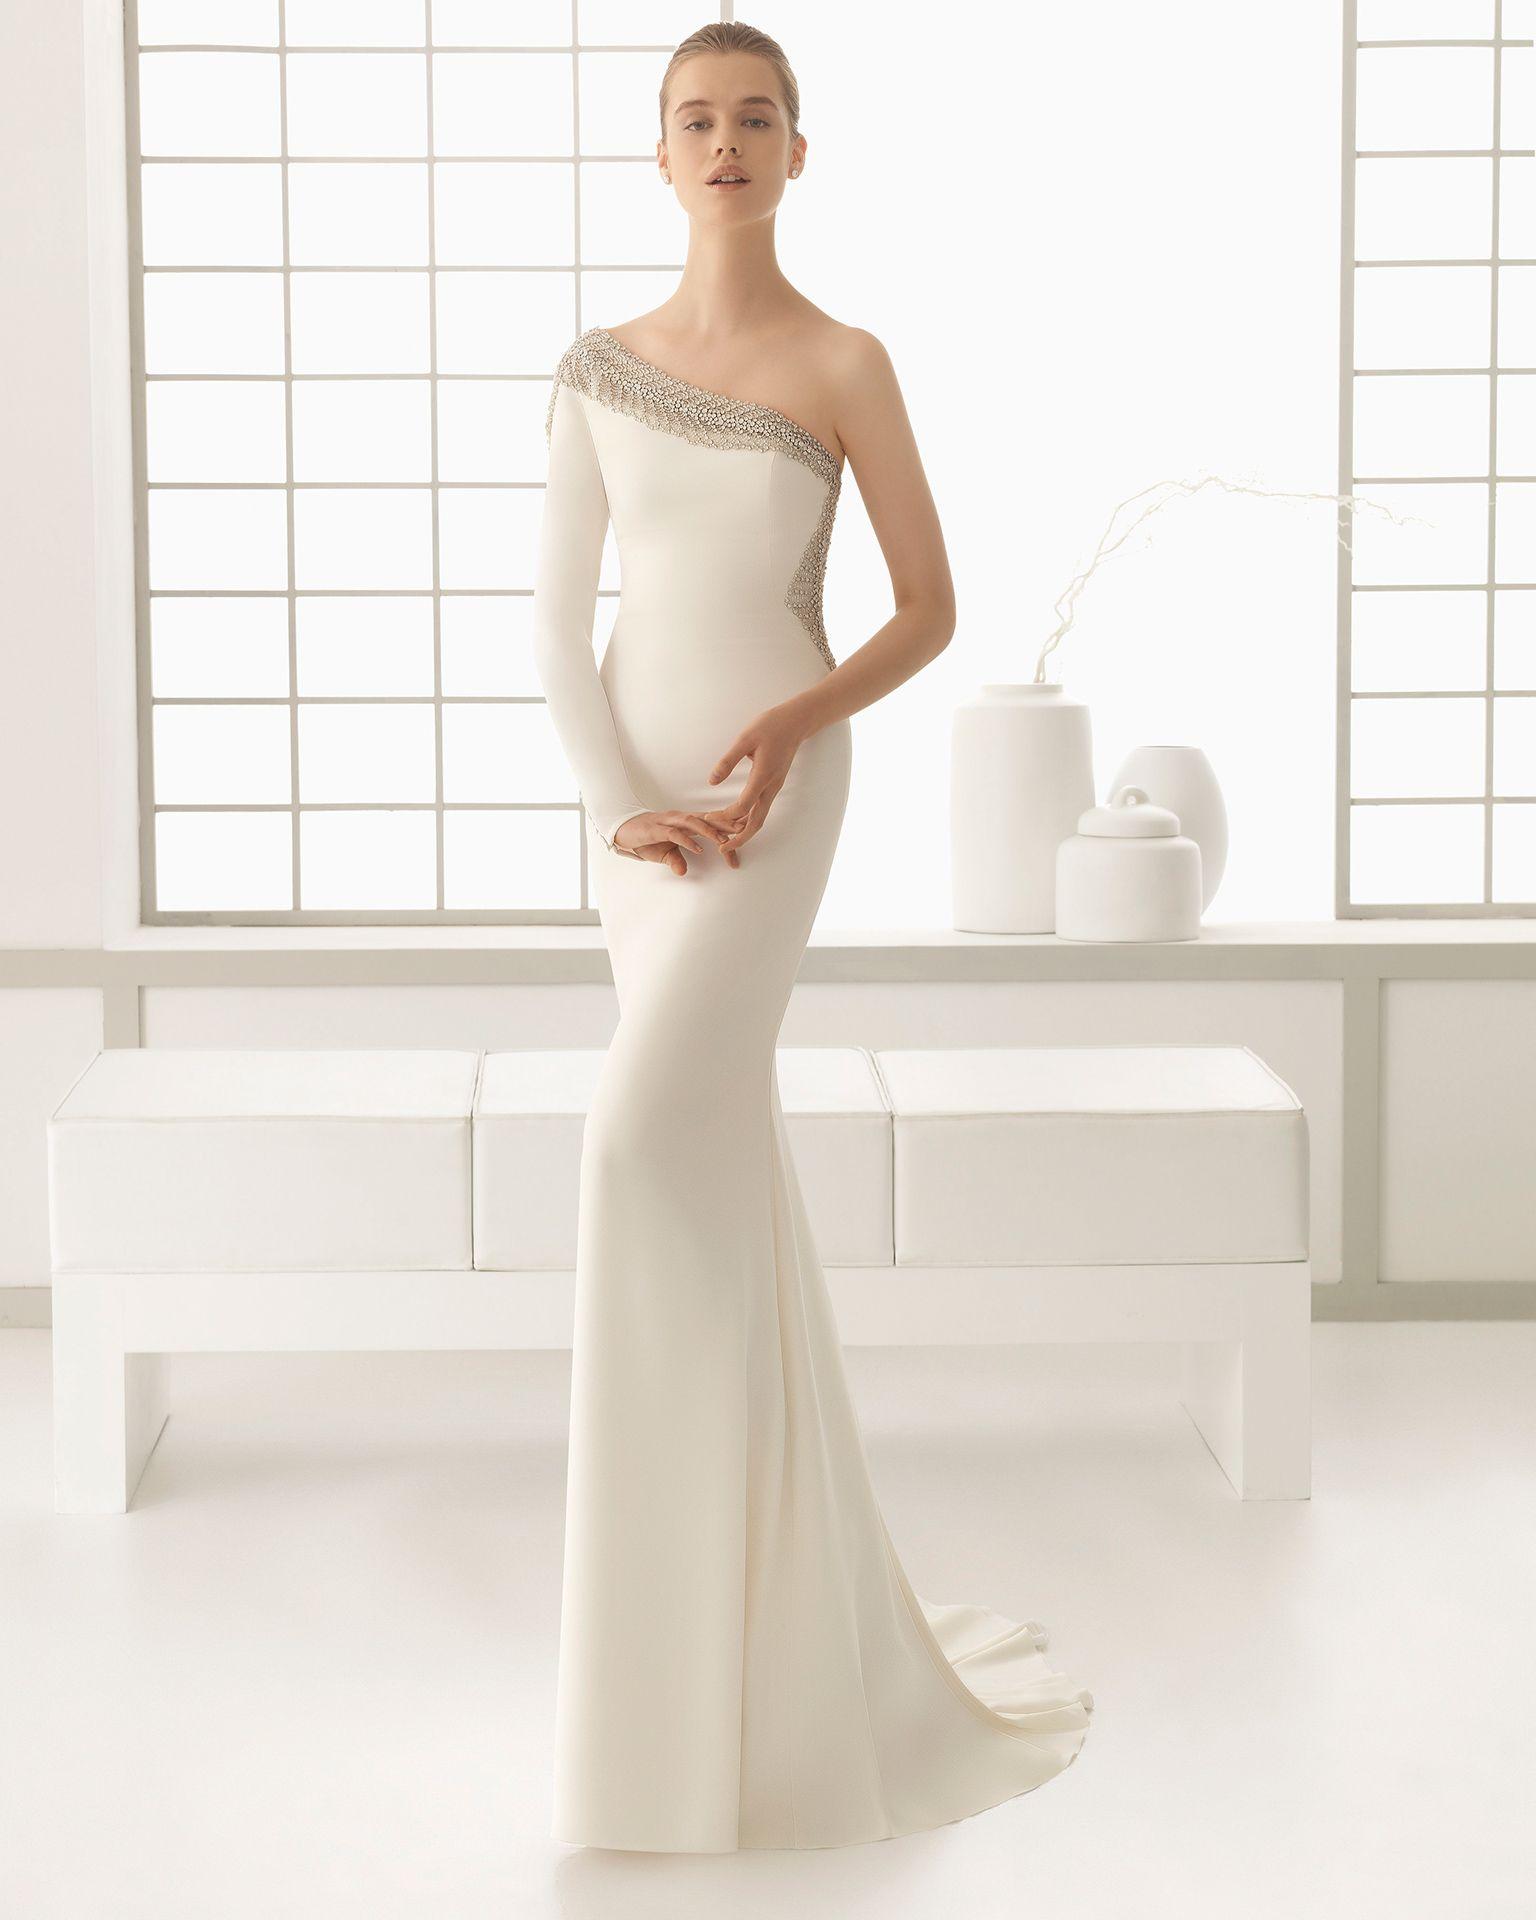 Ecru wedding dress  Tutta la superba eleganza della collezione di rosaclara si esprime